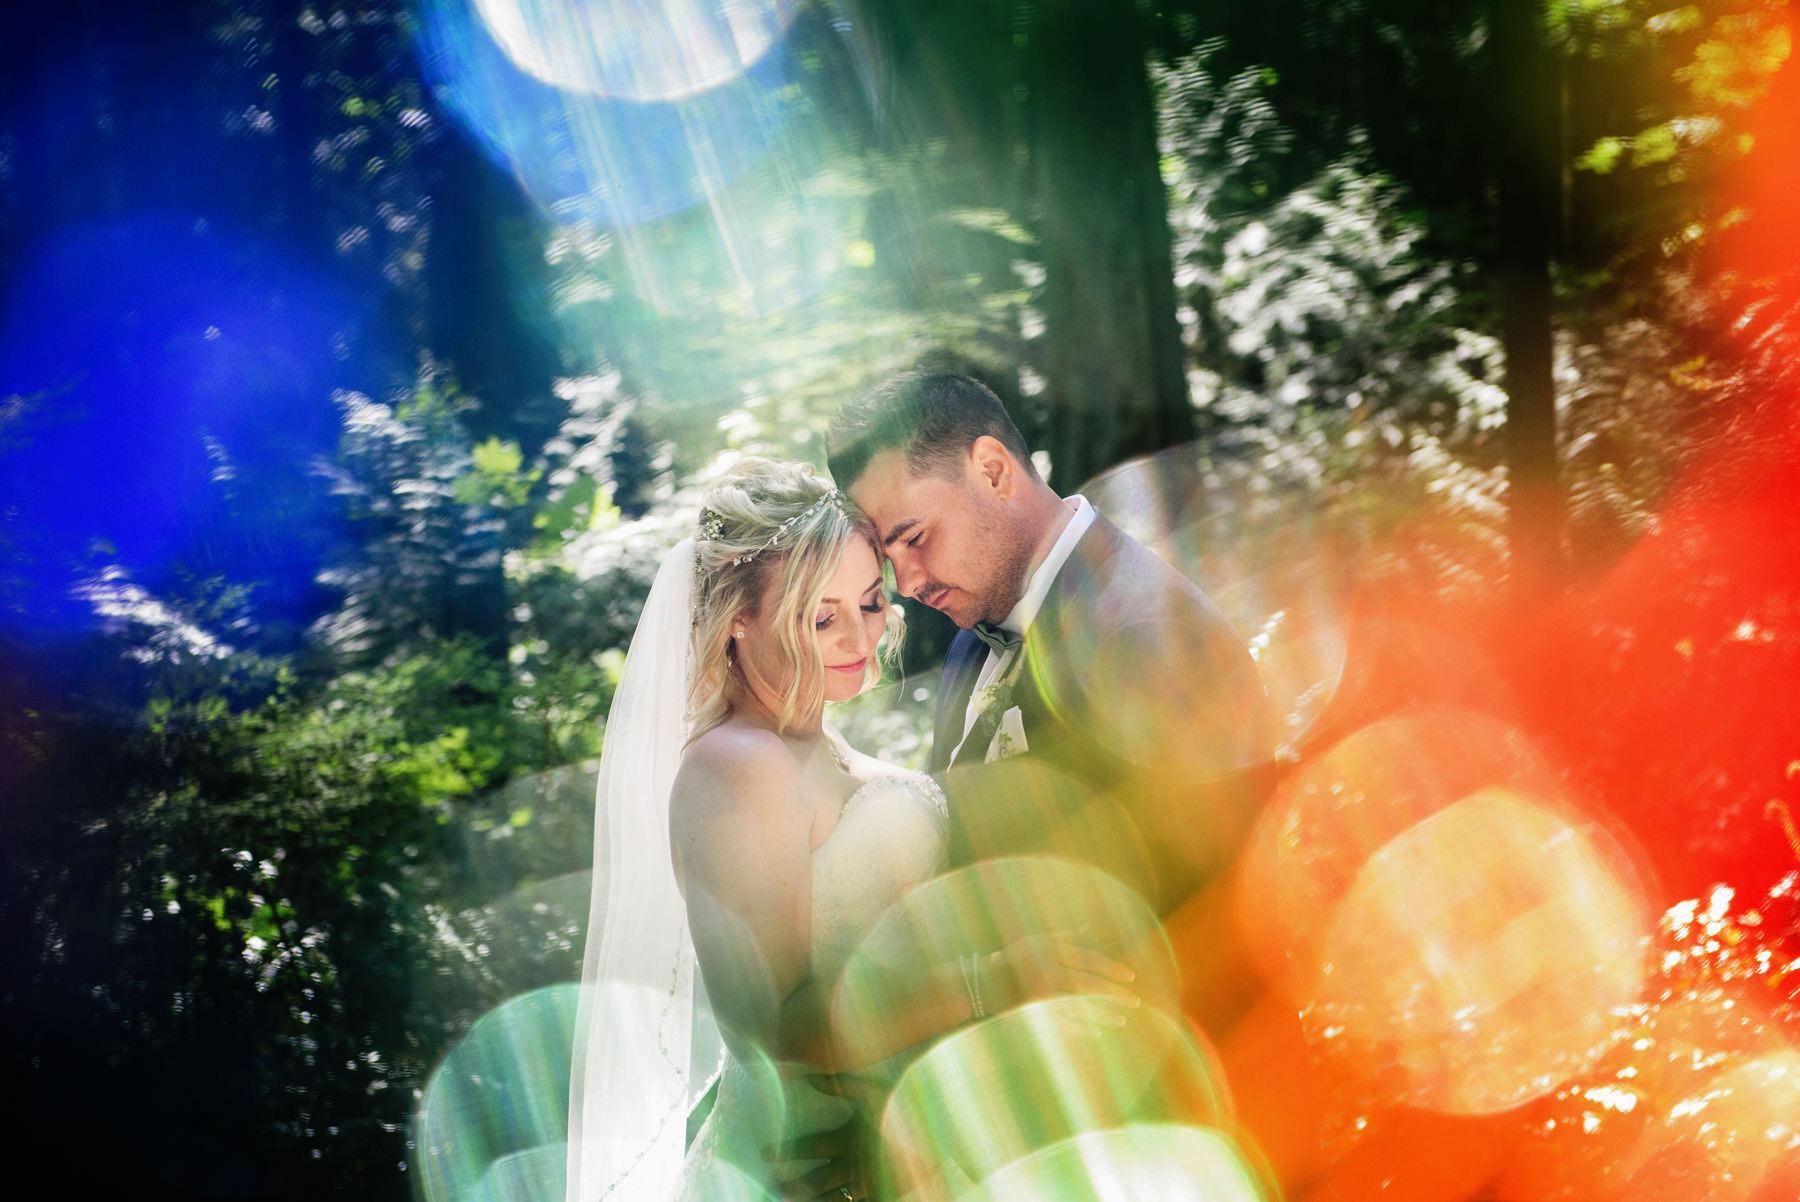 Centennial Park Victoria Wedding Photography Creative artistic